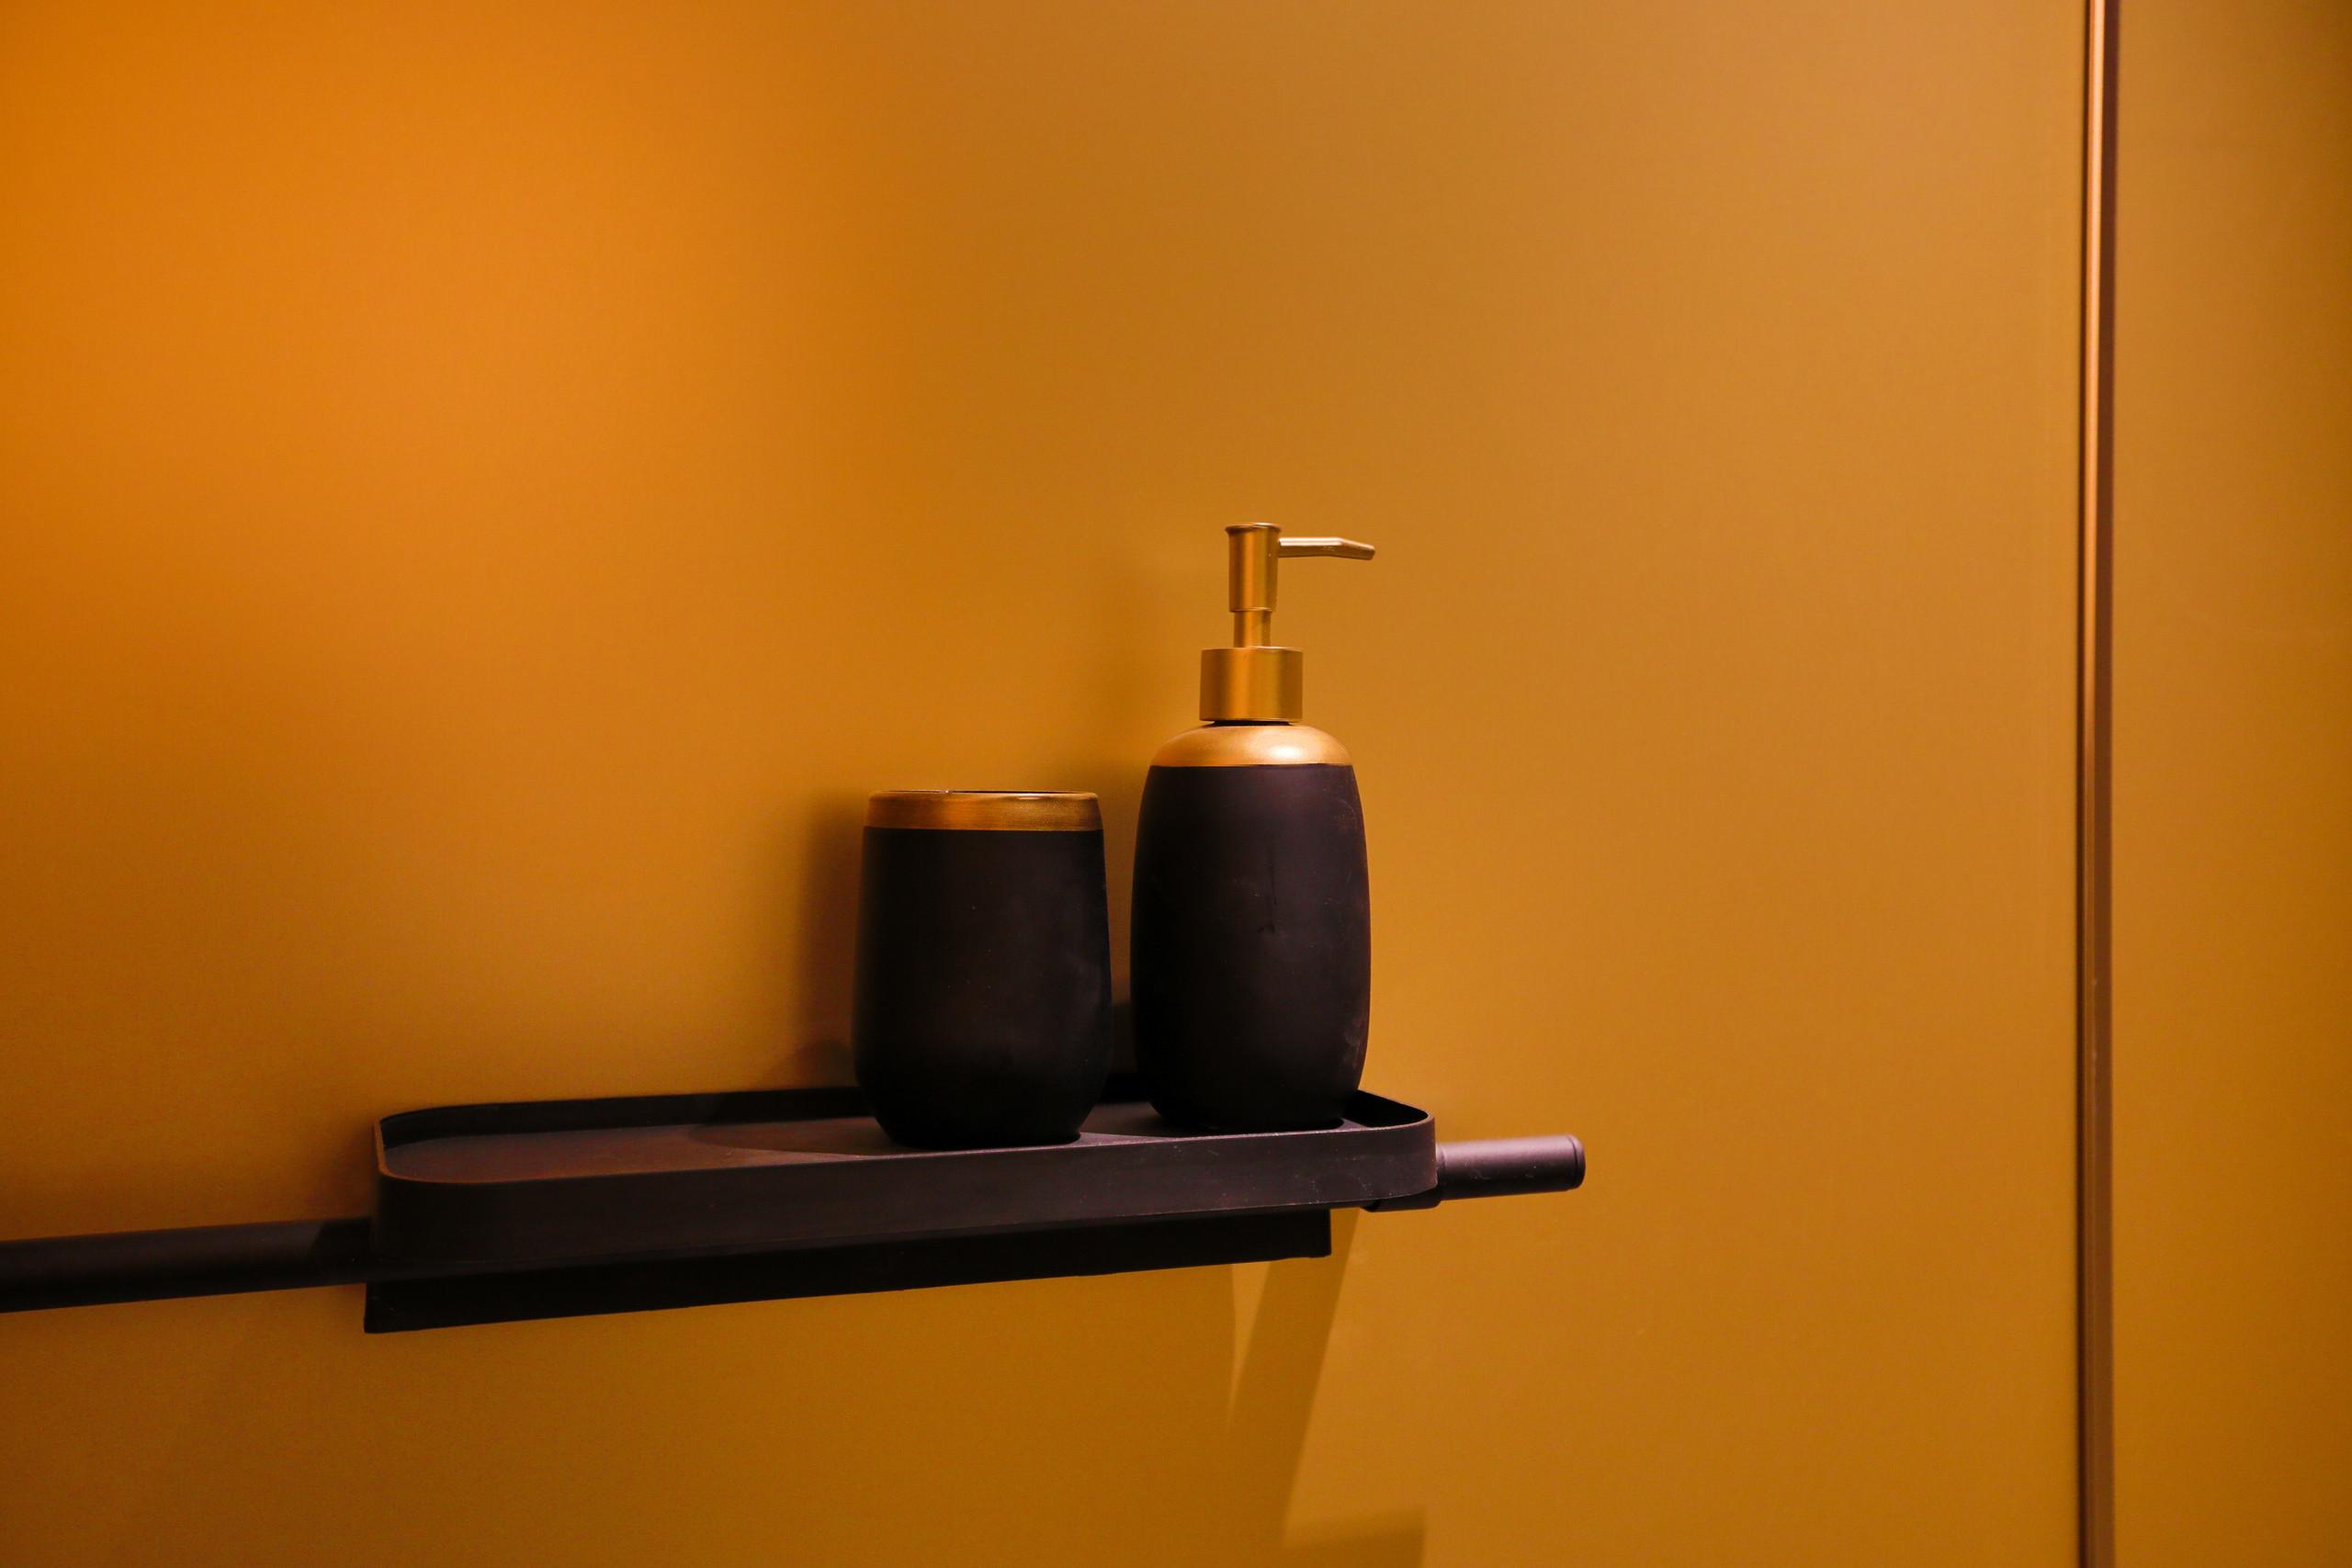 Parois de la salle de bain revêtues de plaques metallisée gold.